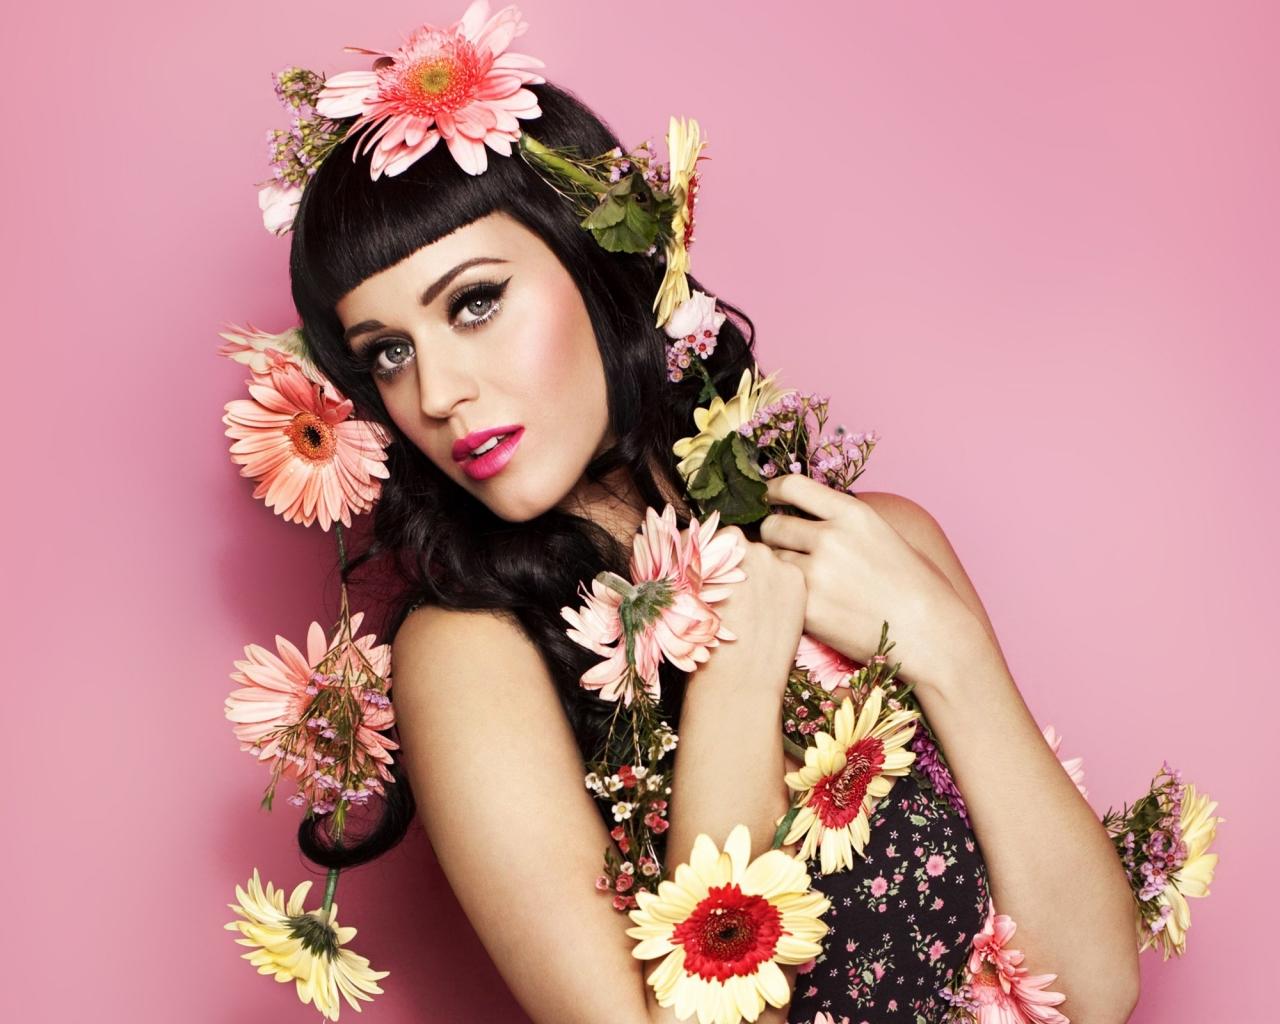 Katy Perry y bellas flores - 1280x1024